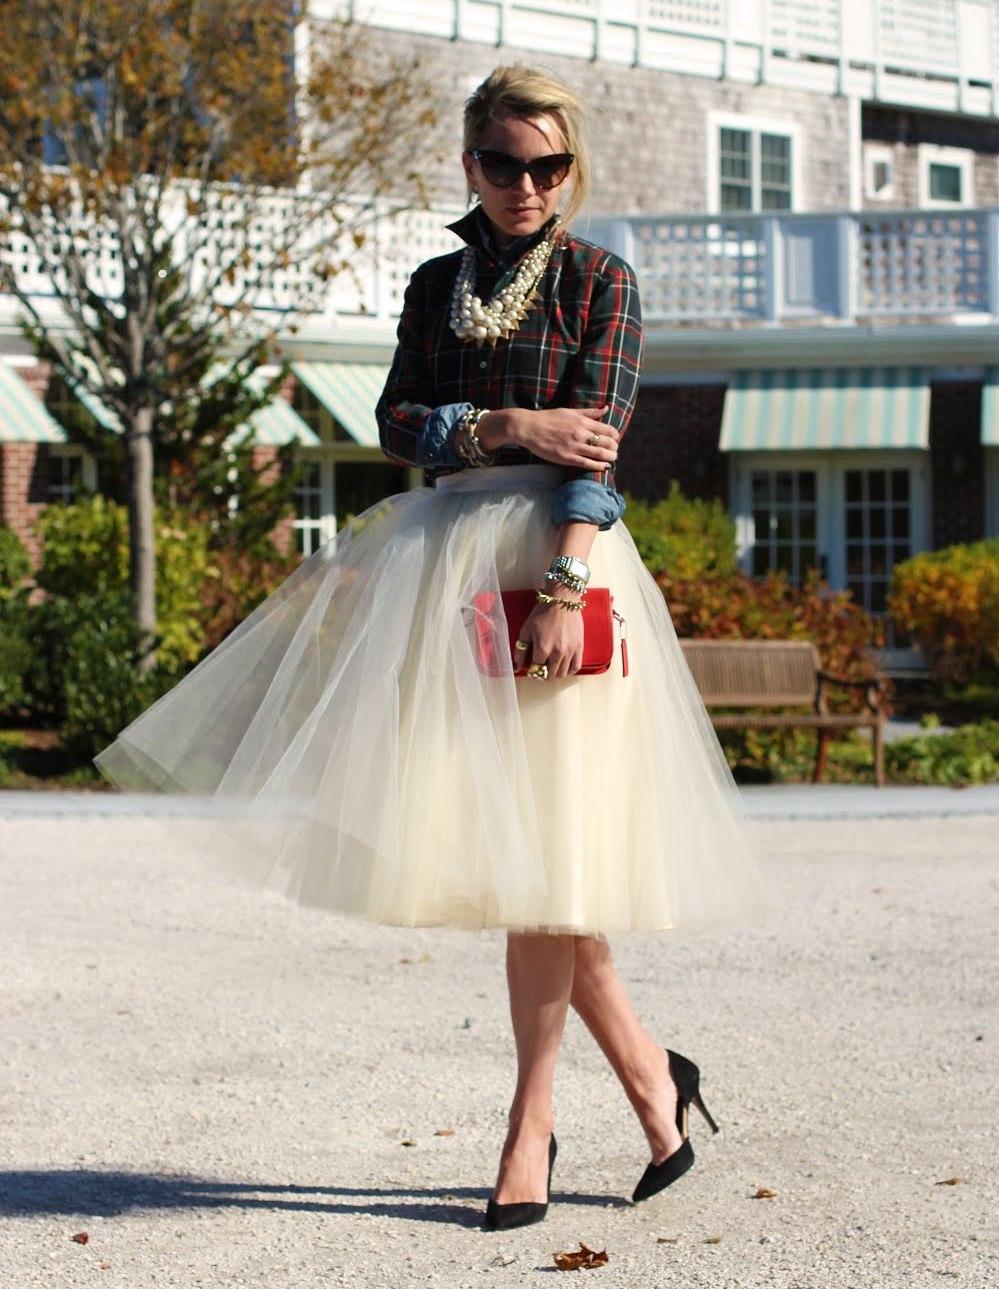 Многослойная белая юбка с блузой в клетку.